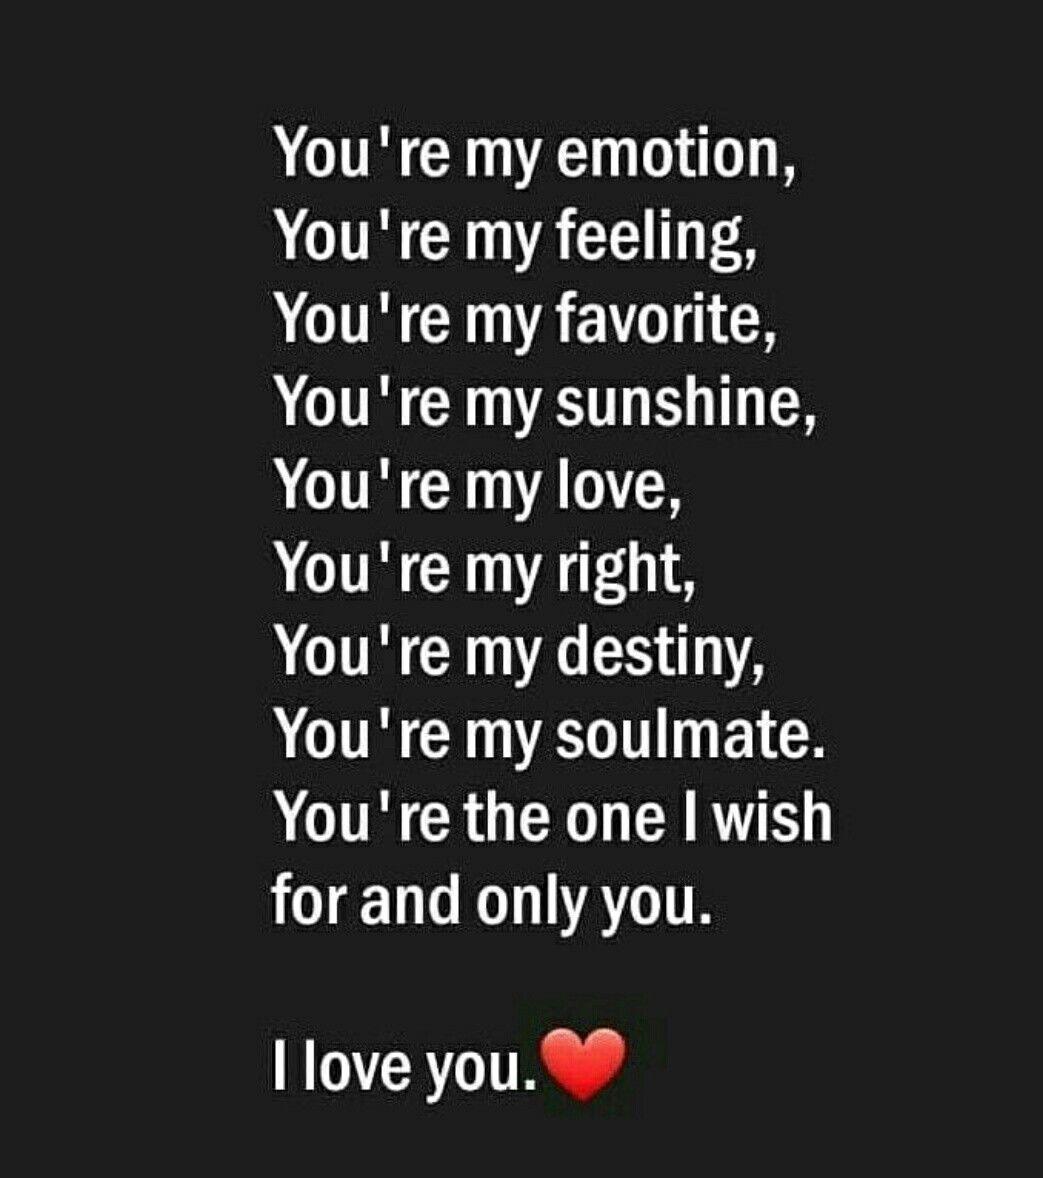 Best Romantic Quotes